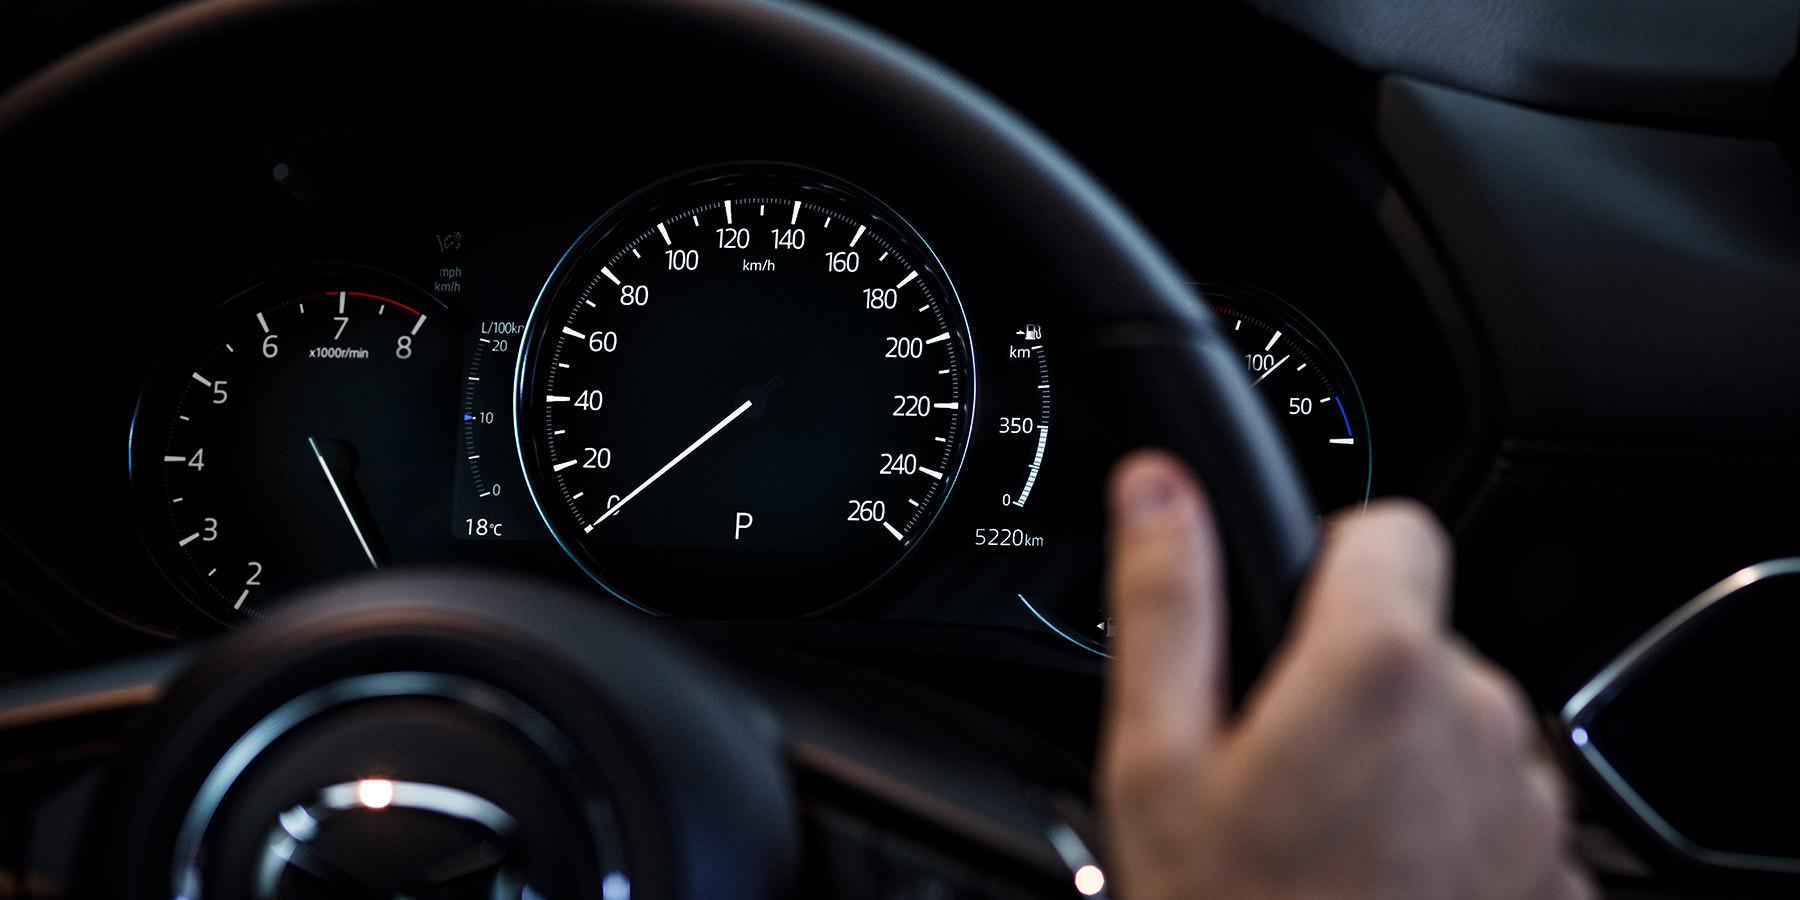 Mazda MX-5 Modellabbildung, Blick aus dem Fahrercockpit in der Nacht, Tachometeranzeige